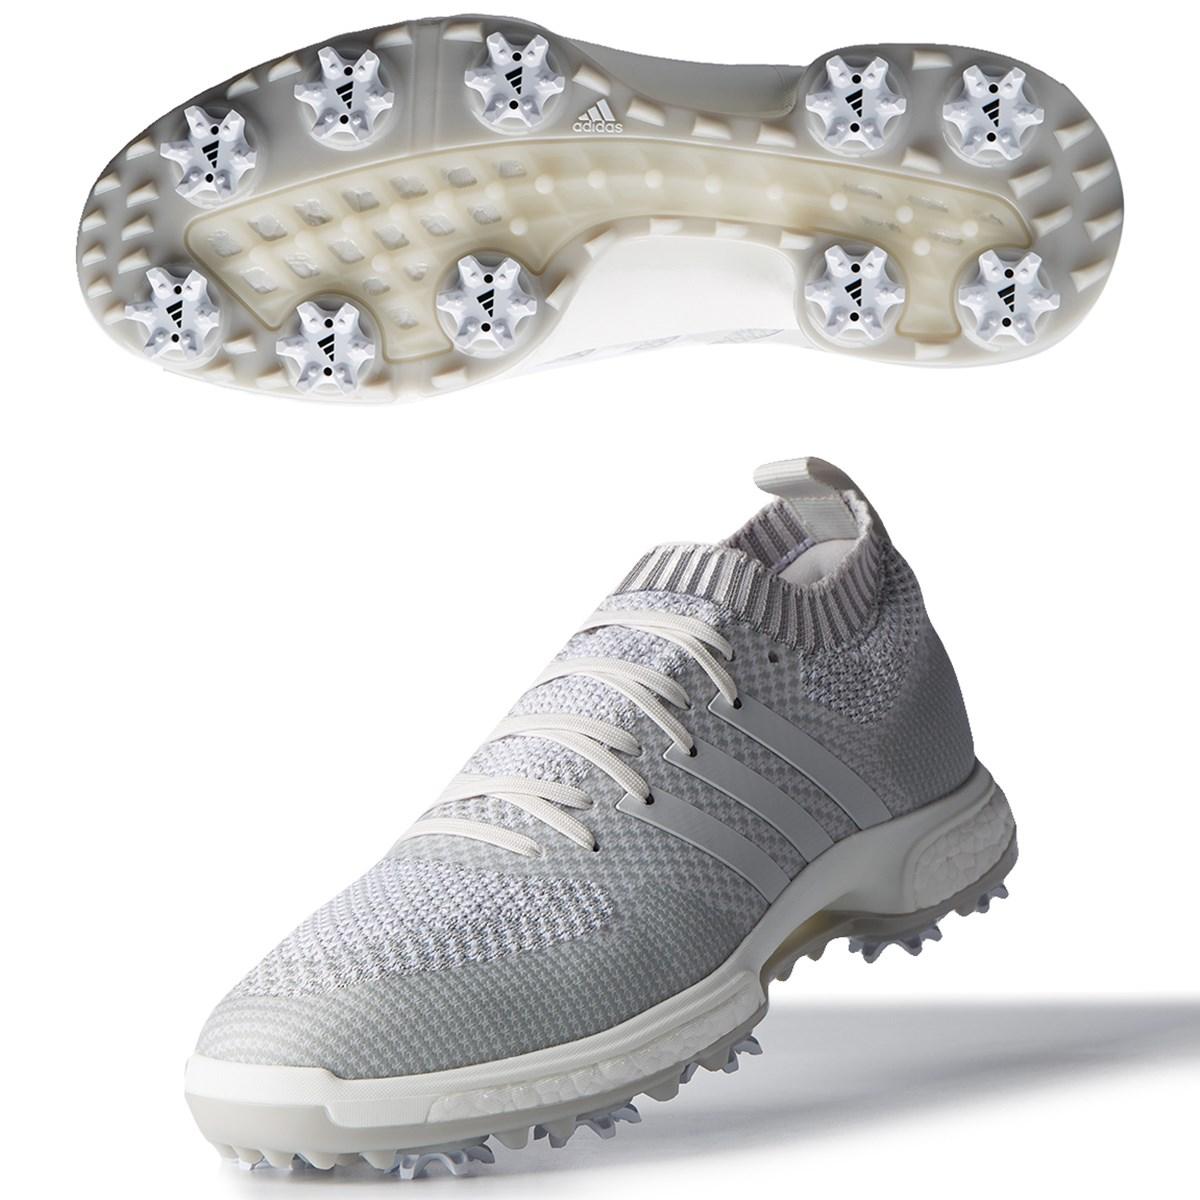 [値下げしました] アディダス adidas ツアー360 ニットシューズ ホワイト/グレーワン/グレートゥー メンズ ゴルフ